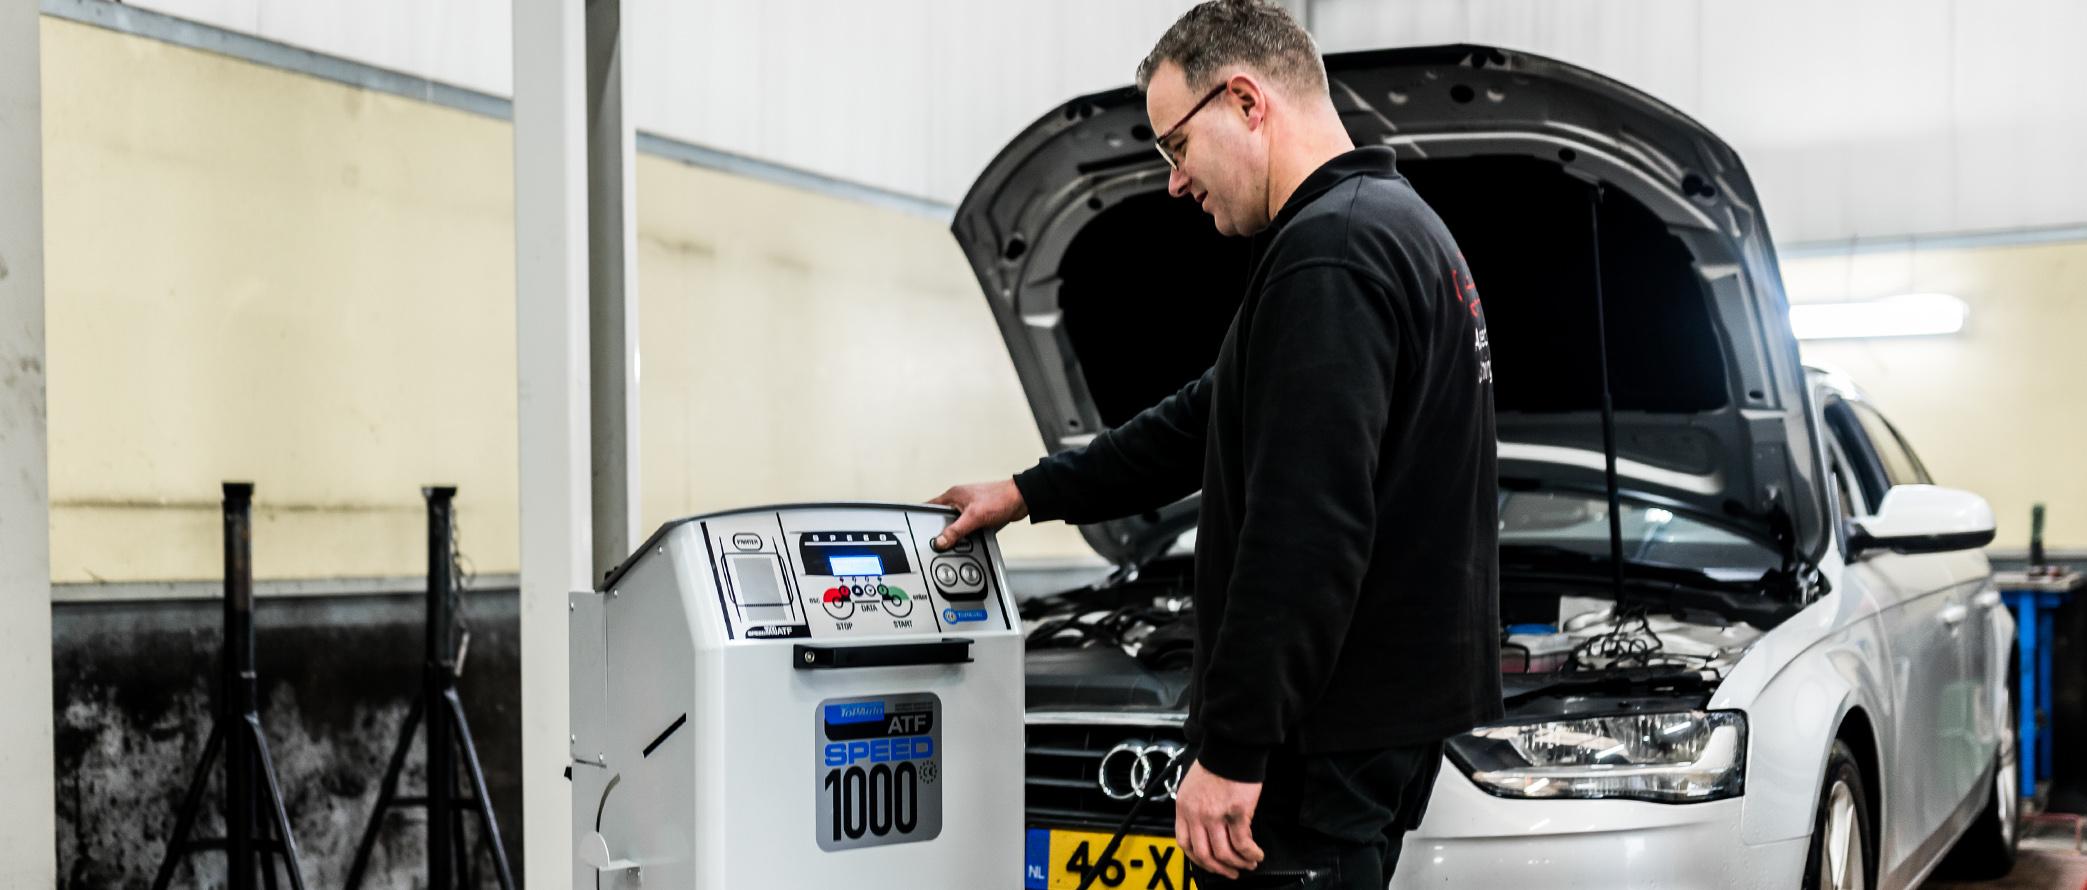 Automaatbakspoelen Mast Autotechniek Groningen